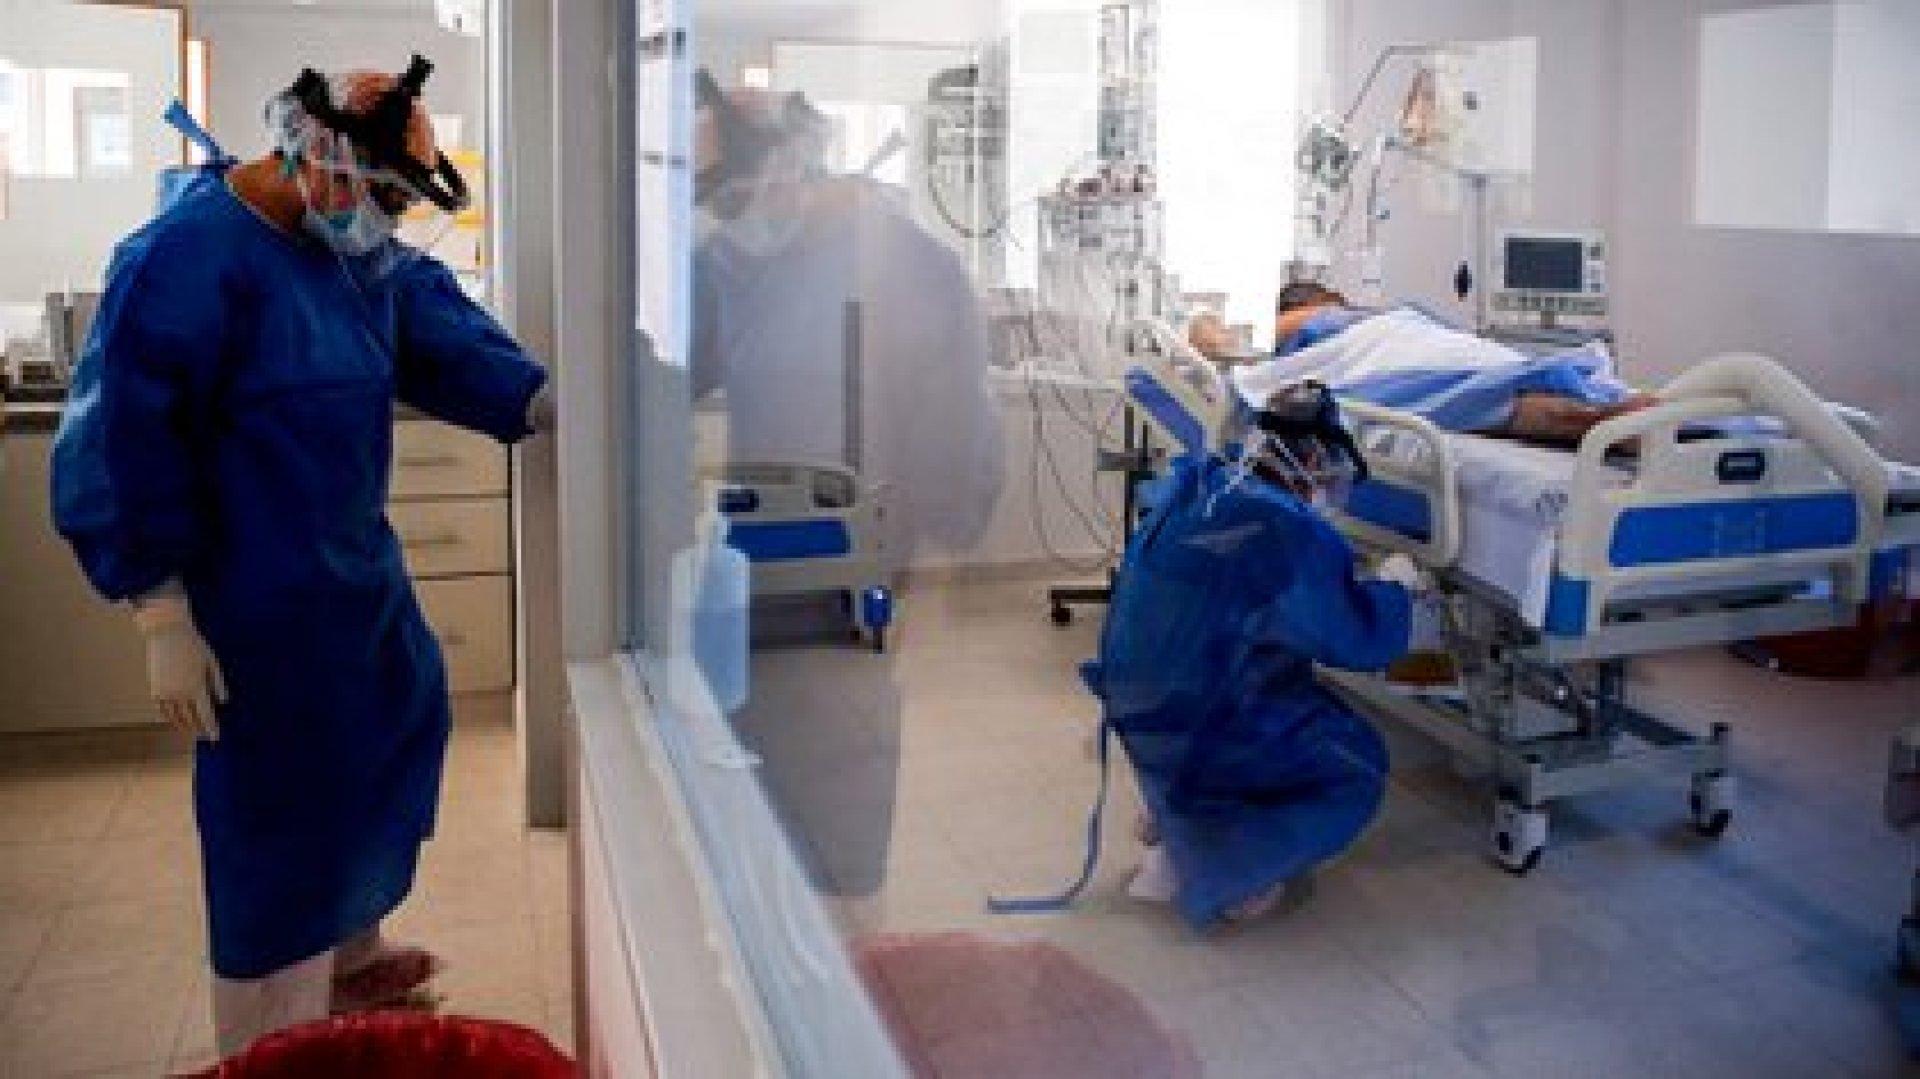 La situación en las terapias se agravó en los últimos días (EFE/Juan Ignacio Roncoroni/Archivo)